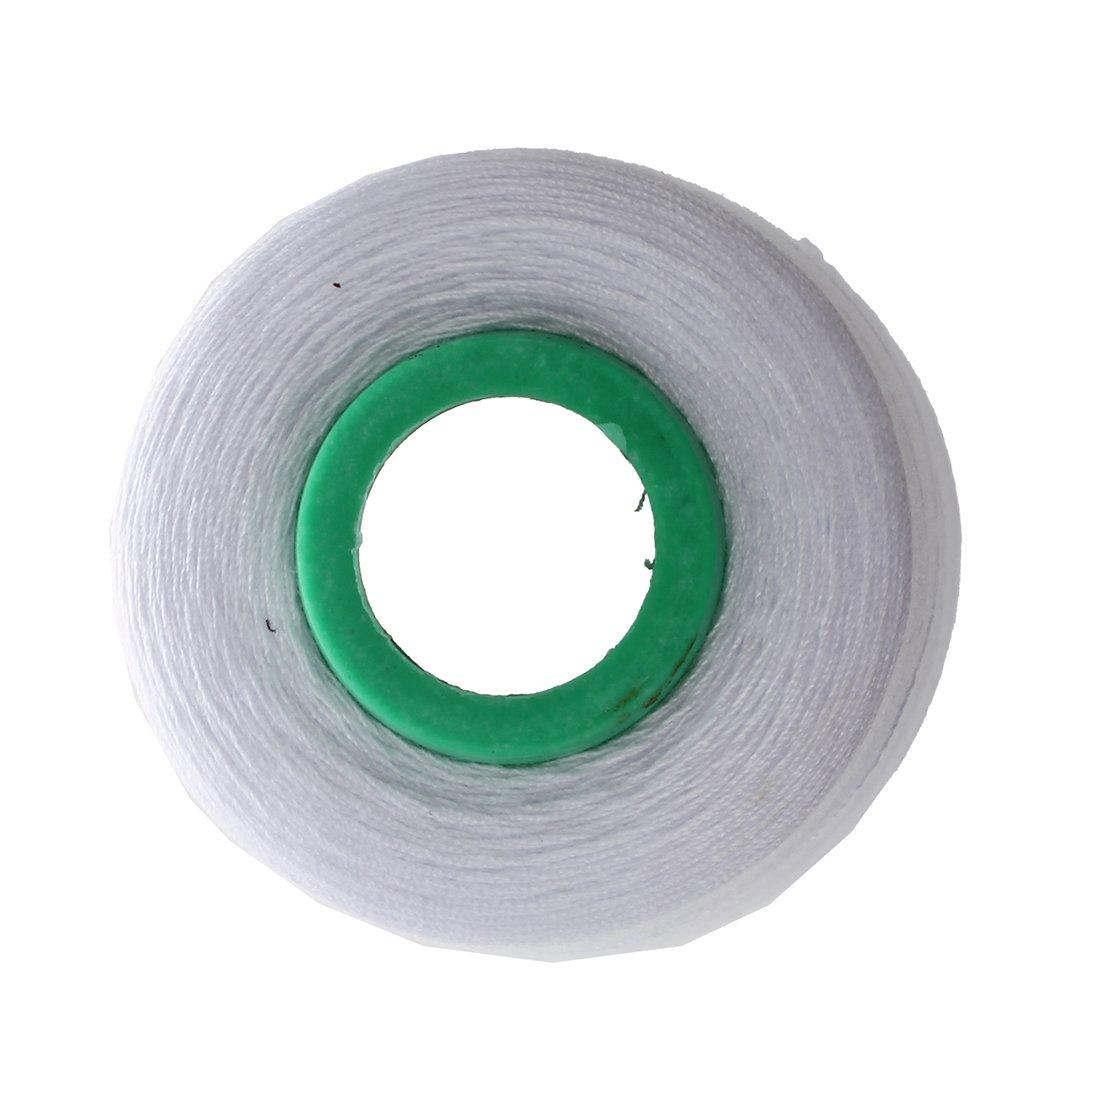 Blanco Cikuso Durable 3000 Yardas Overlocking M/áQuina De Coser Industrial Poli/éSter Hilo Medidor Conos Color Poli/éSter Hilo De Coser